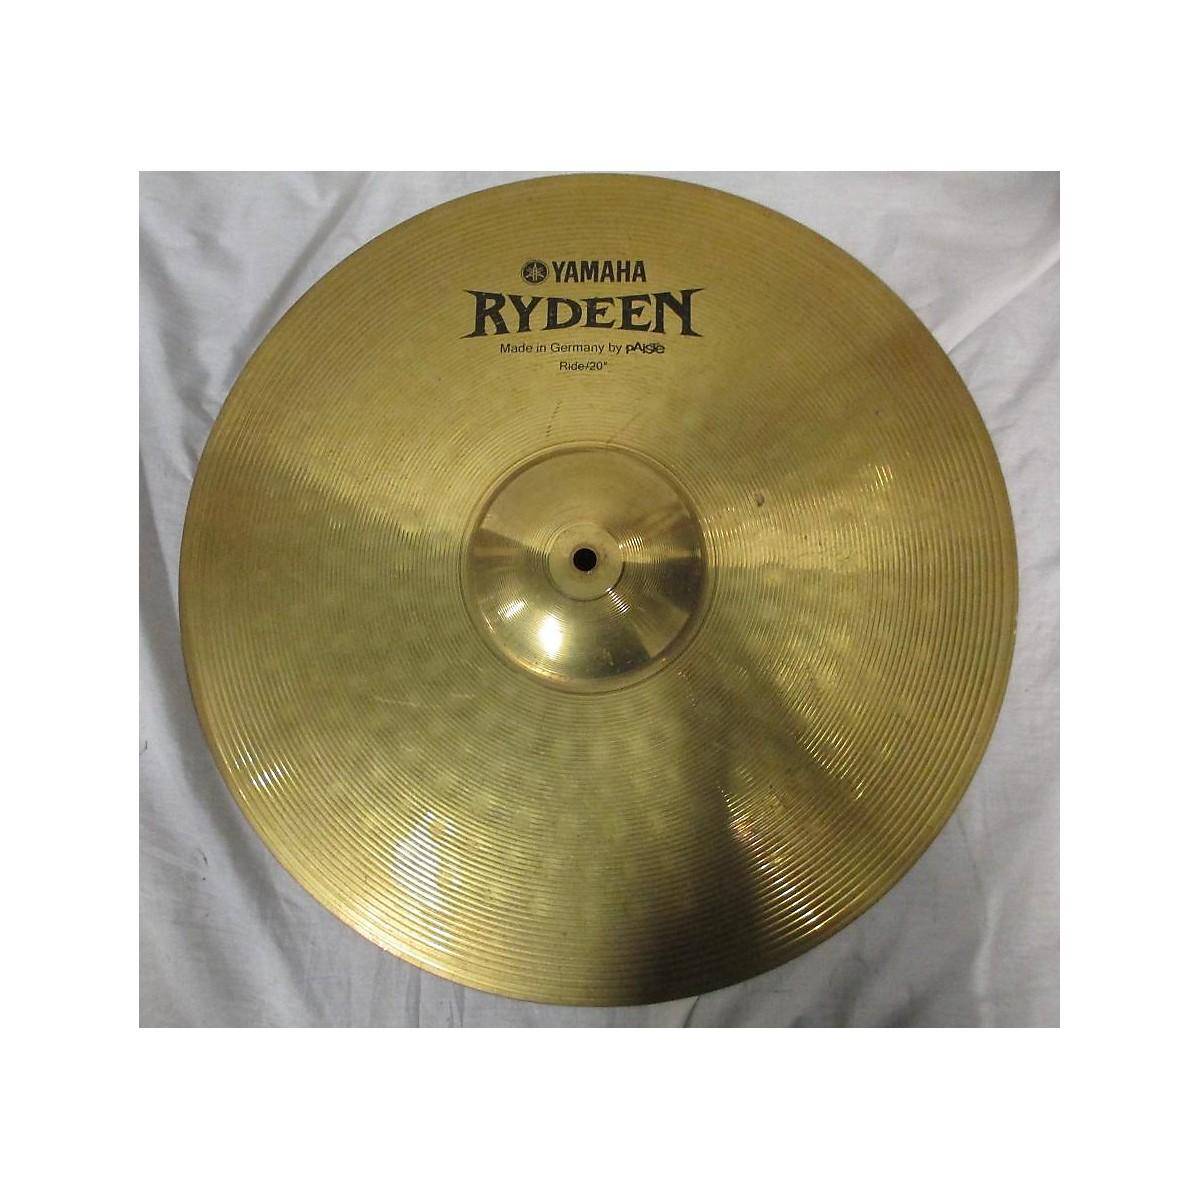 Yamaha 20in Rydeen Cymbal